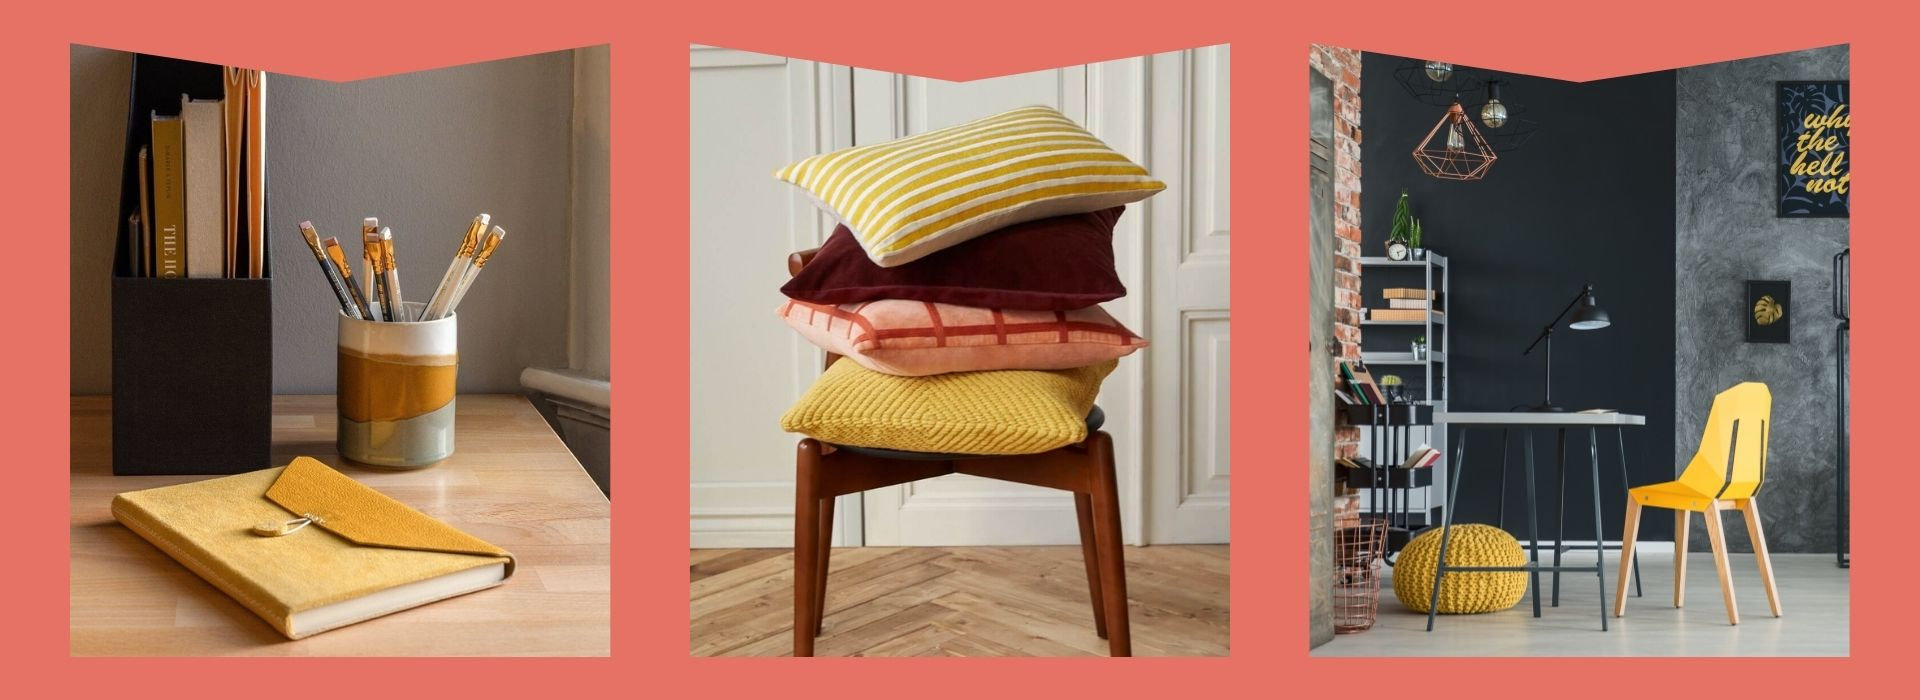 yellow home decor, decorative pillows, grey home decor